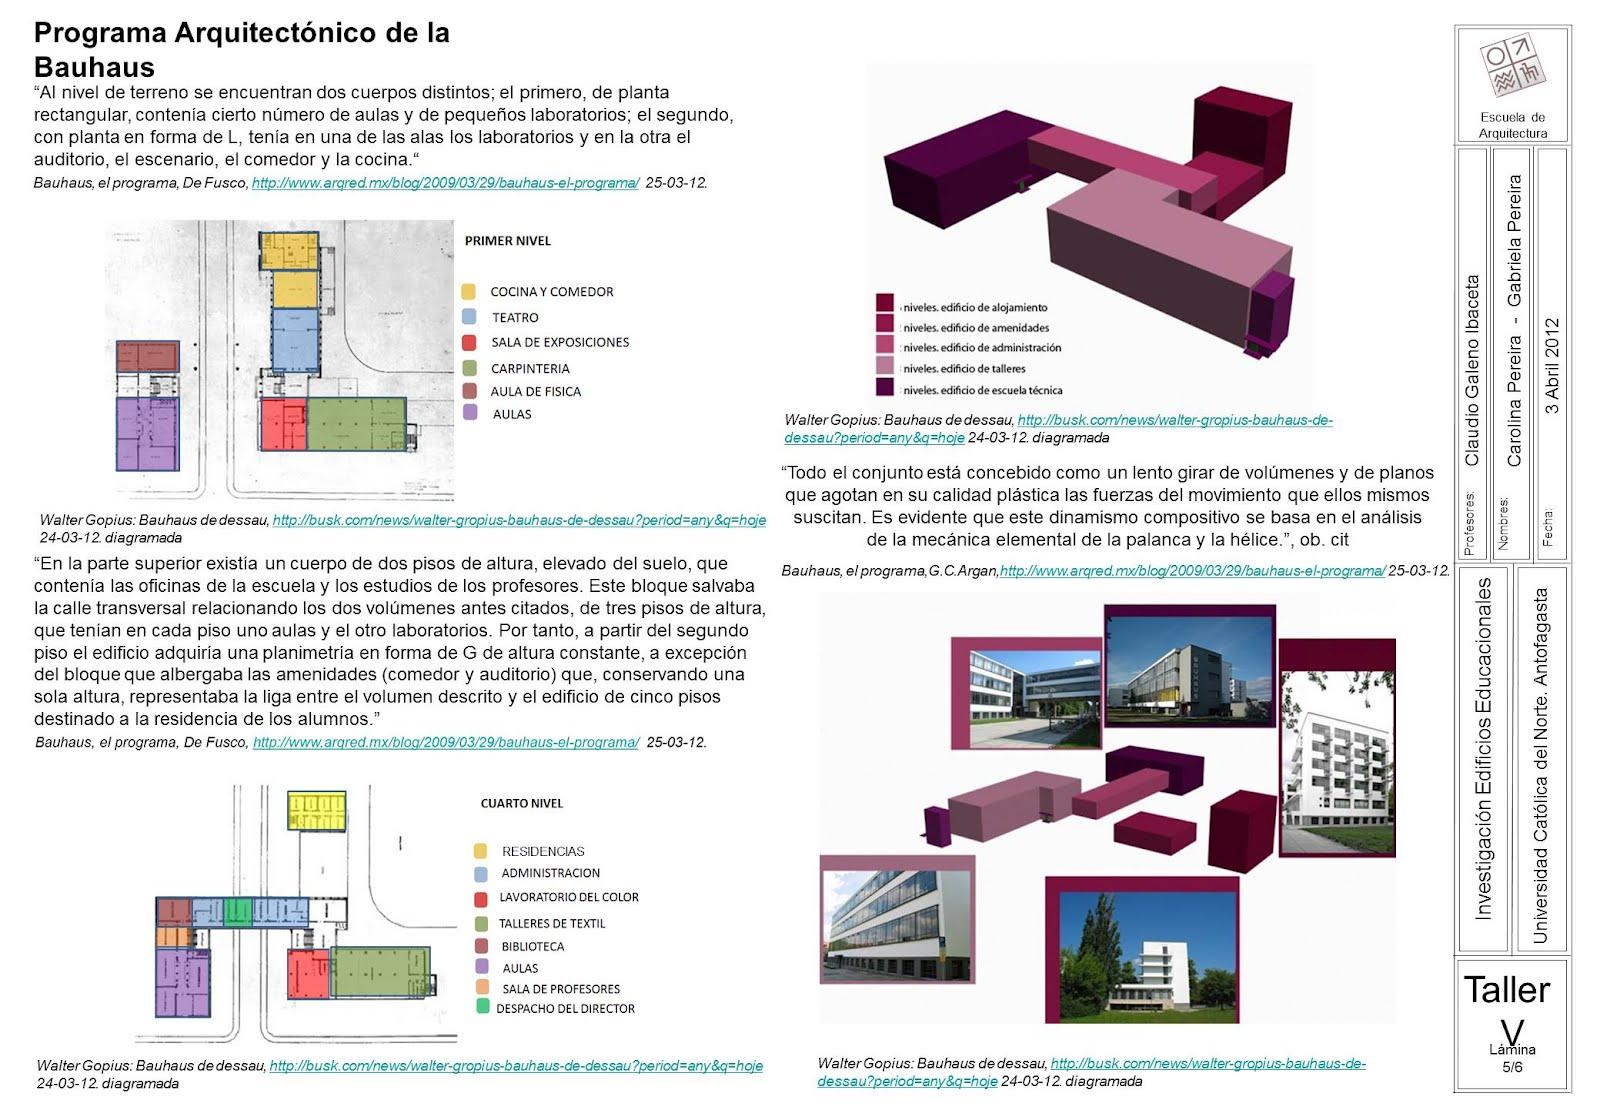 Taller de arquitectura 5 lenguaje 1er semestre de 2012 for Programas arquitectura